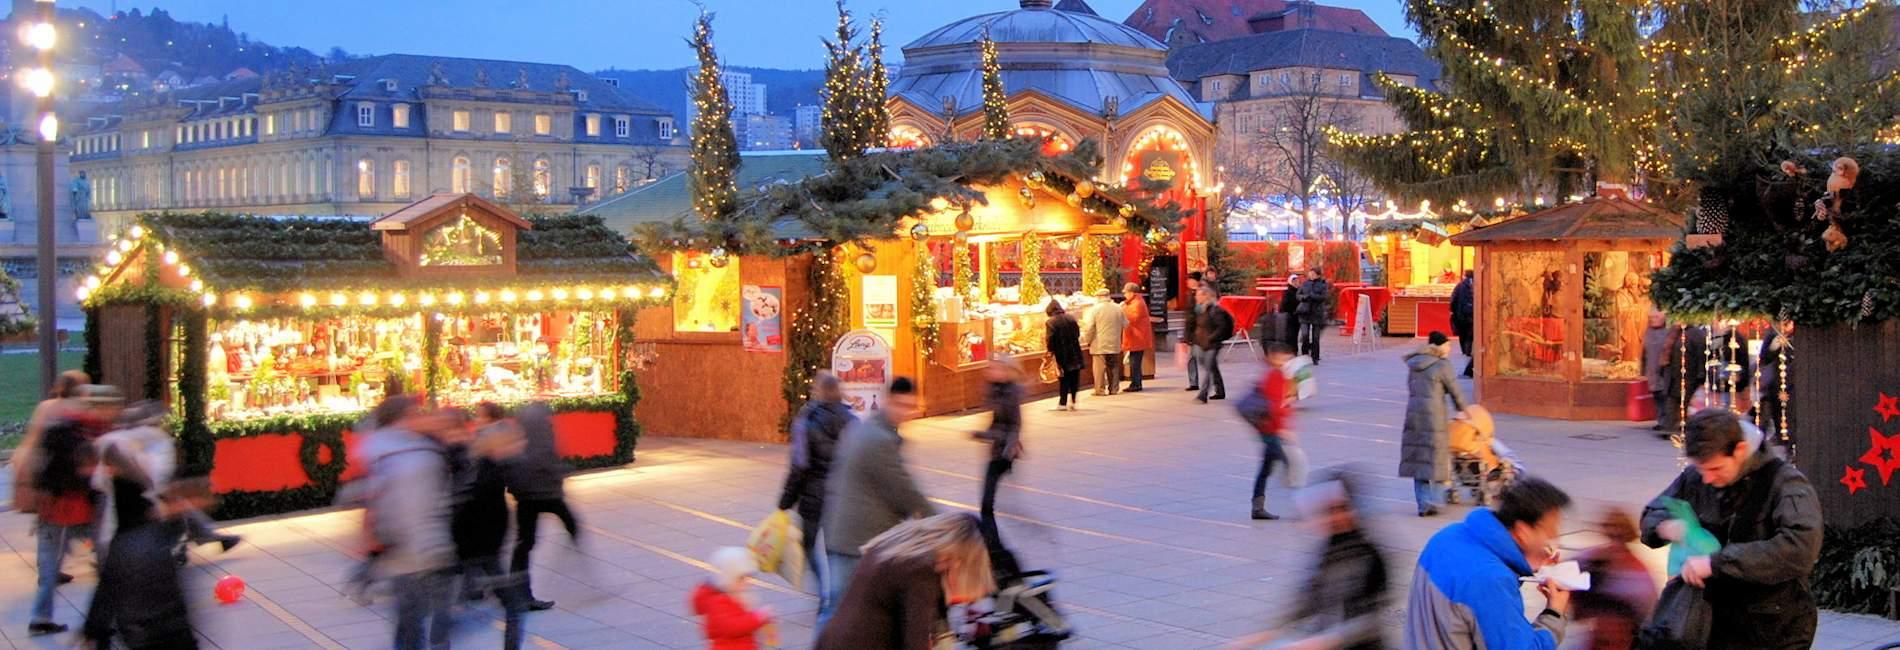 Stuttgart Weihnachtsmarkt.Ferienwohnung Ferienhaus Zum Stuttgarter Weihnachtsmarkt